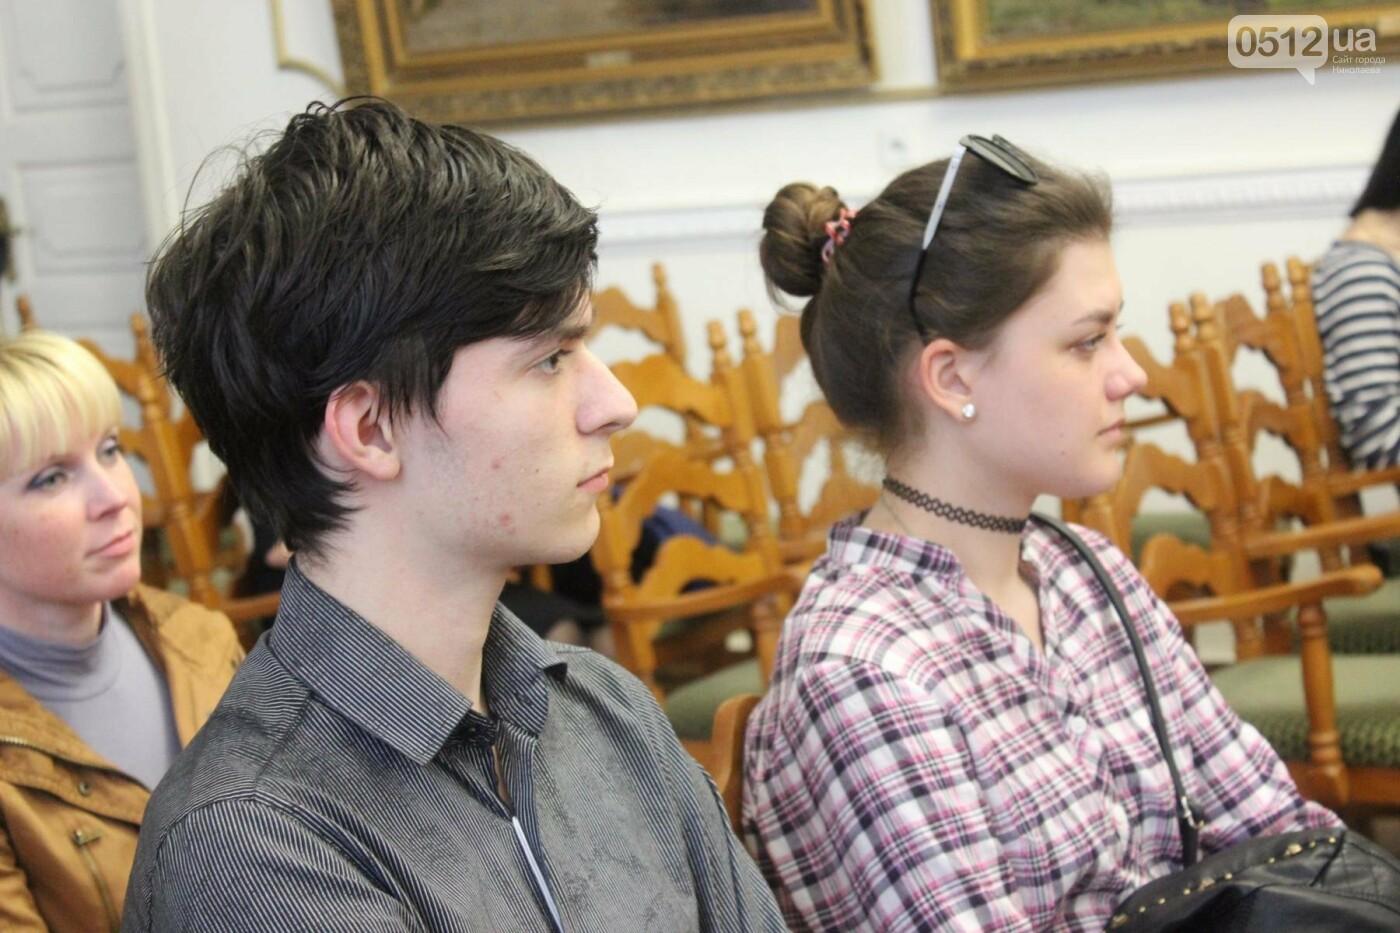 В Николаевском художественном музее рассказали, как подделывать картины, - ФОТО, фото-10